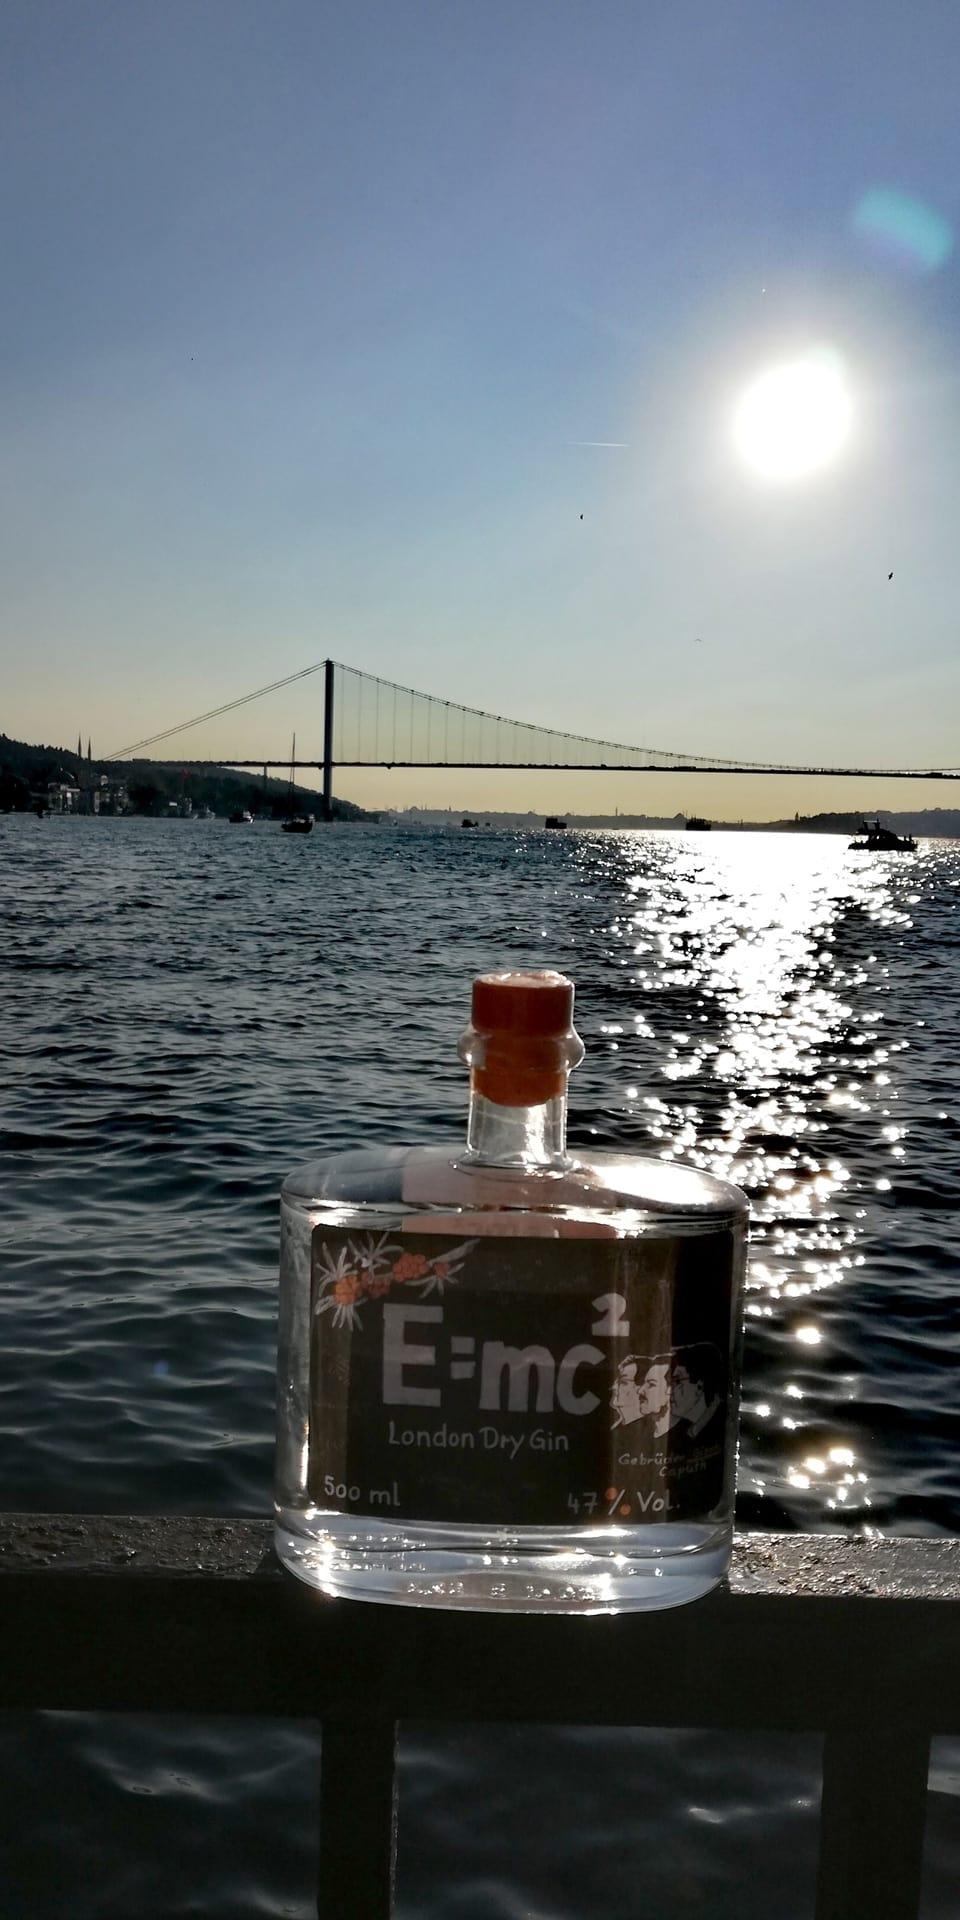 Gin E=mc² Bosporus